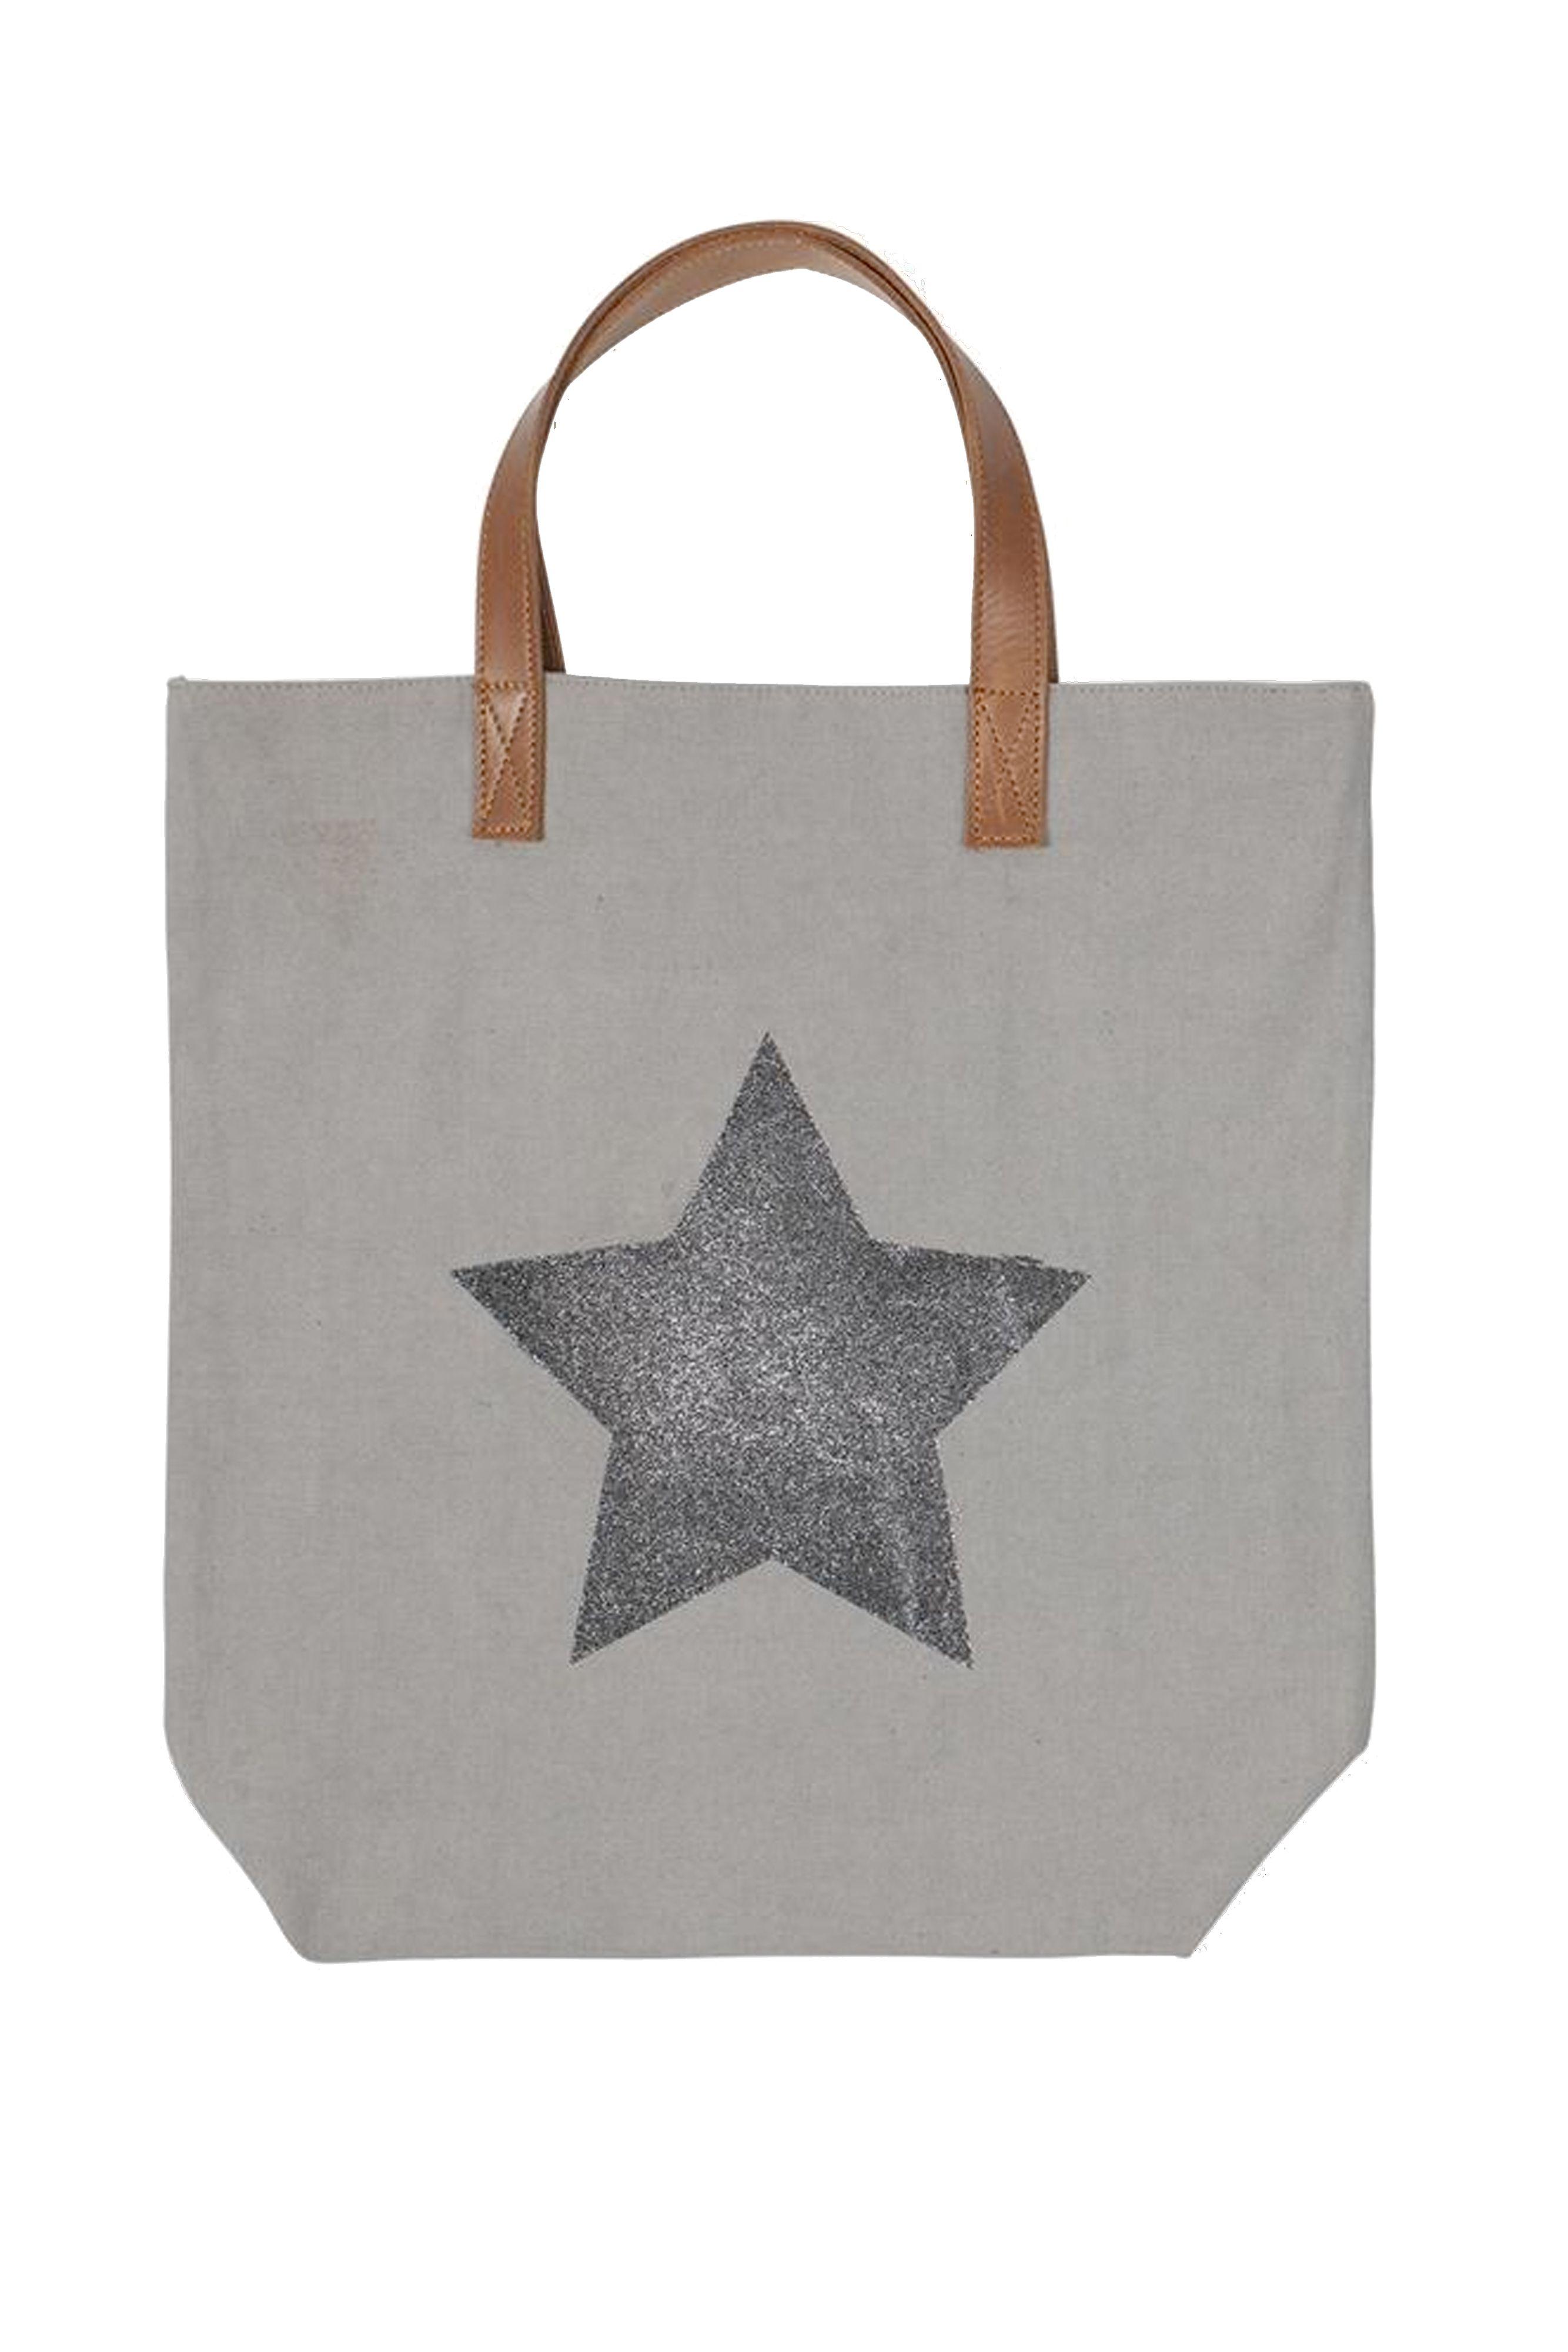 Becksondergaard Beige bag   Bag   Mode, Taschen und